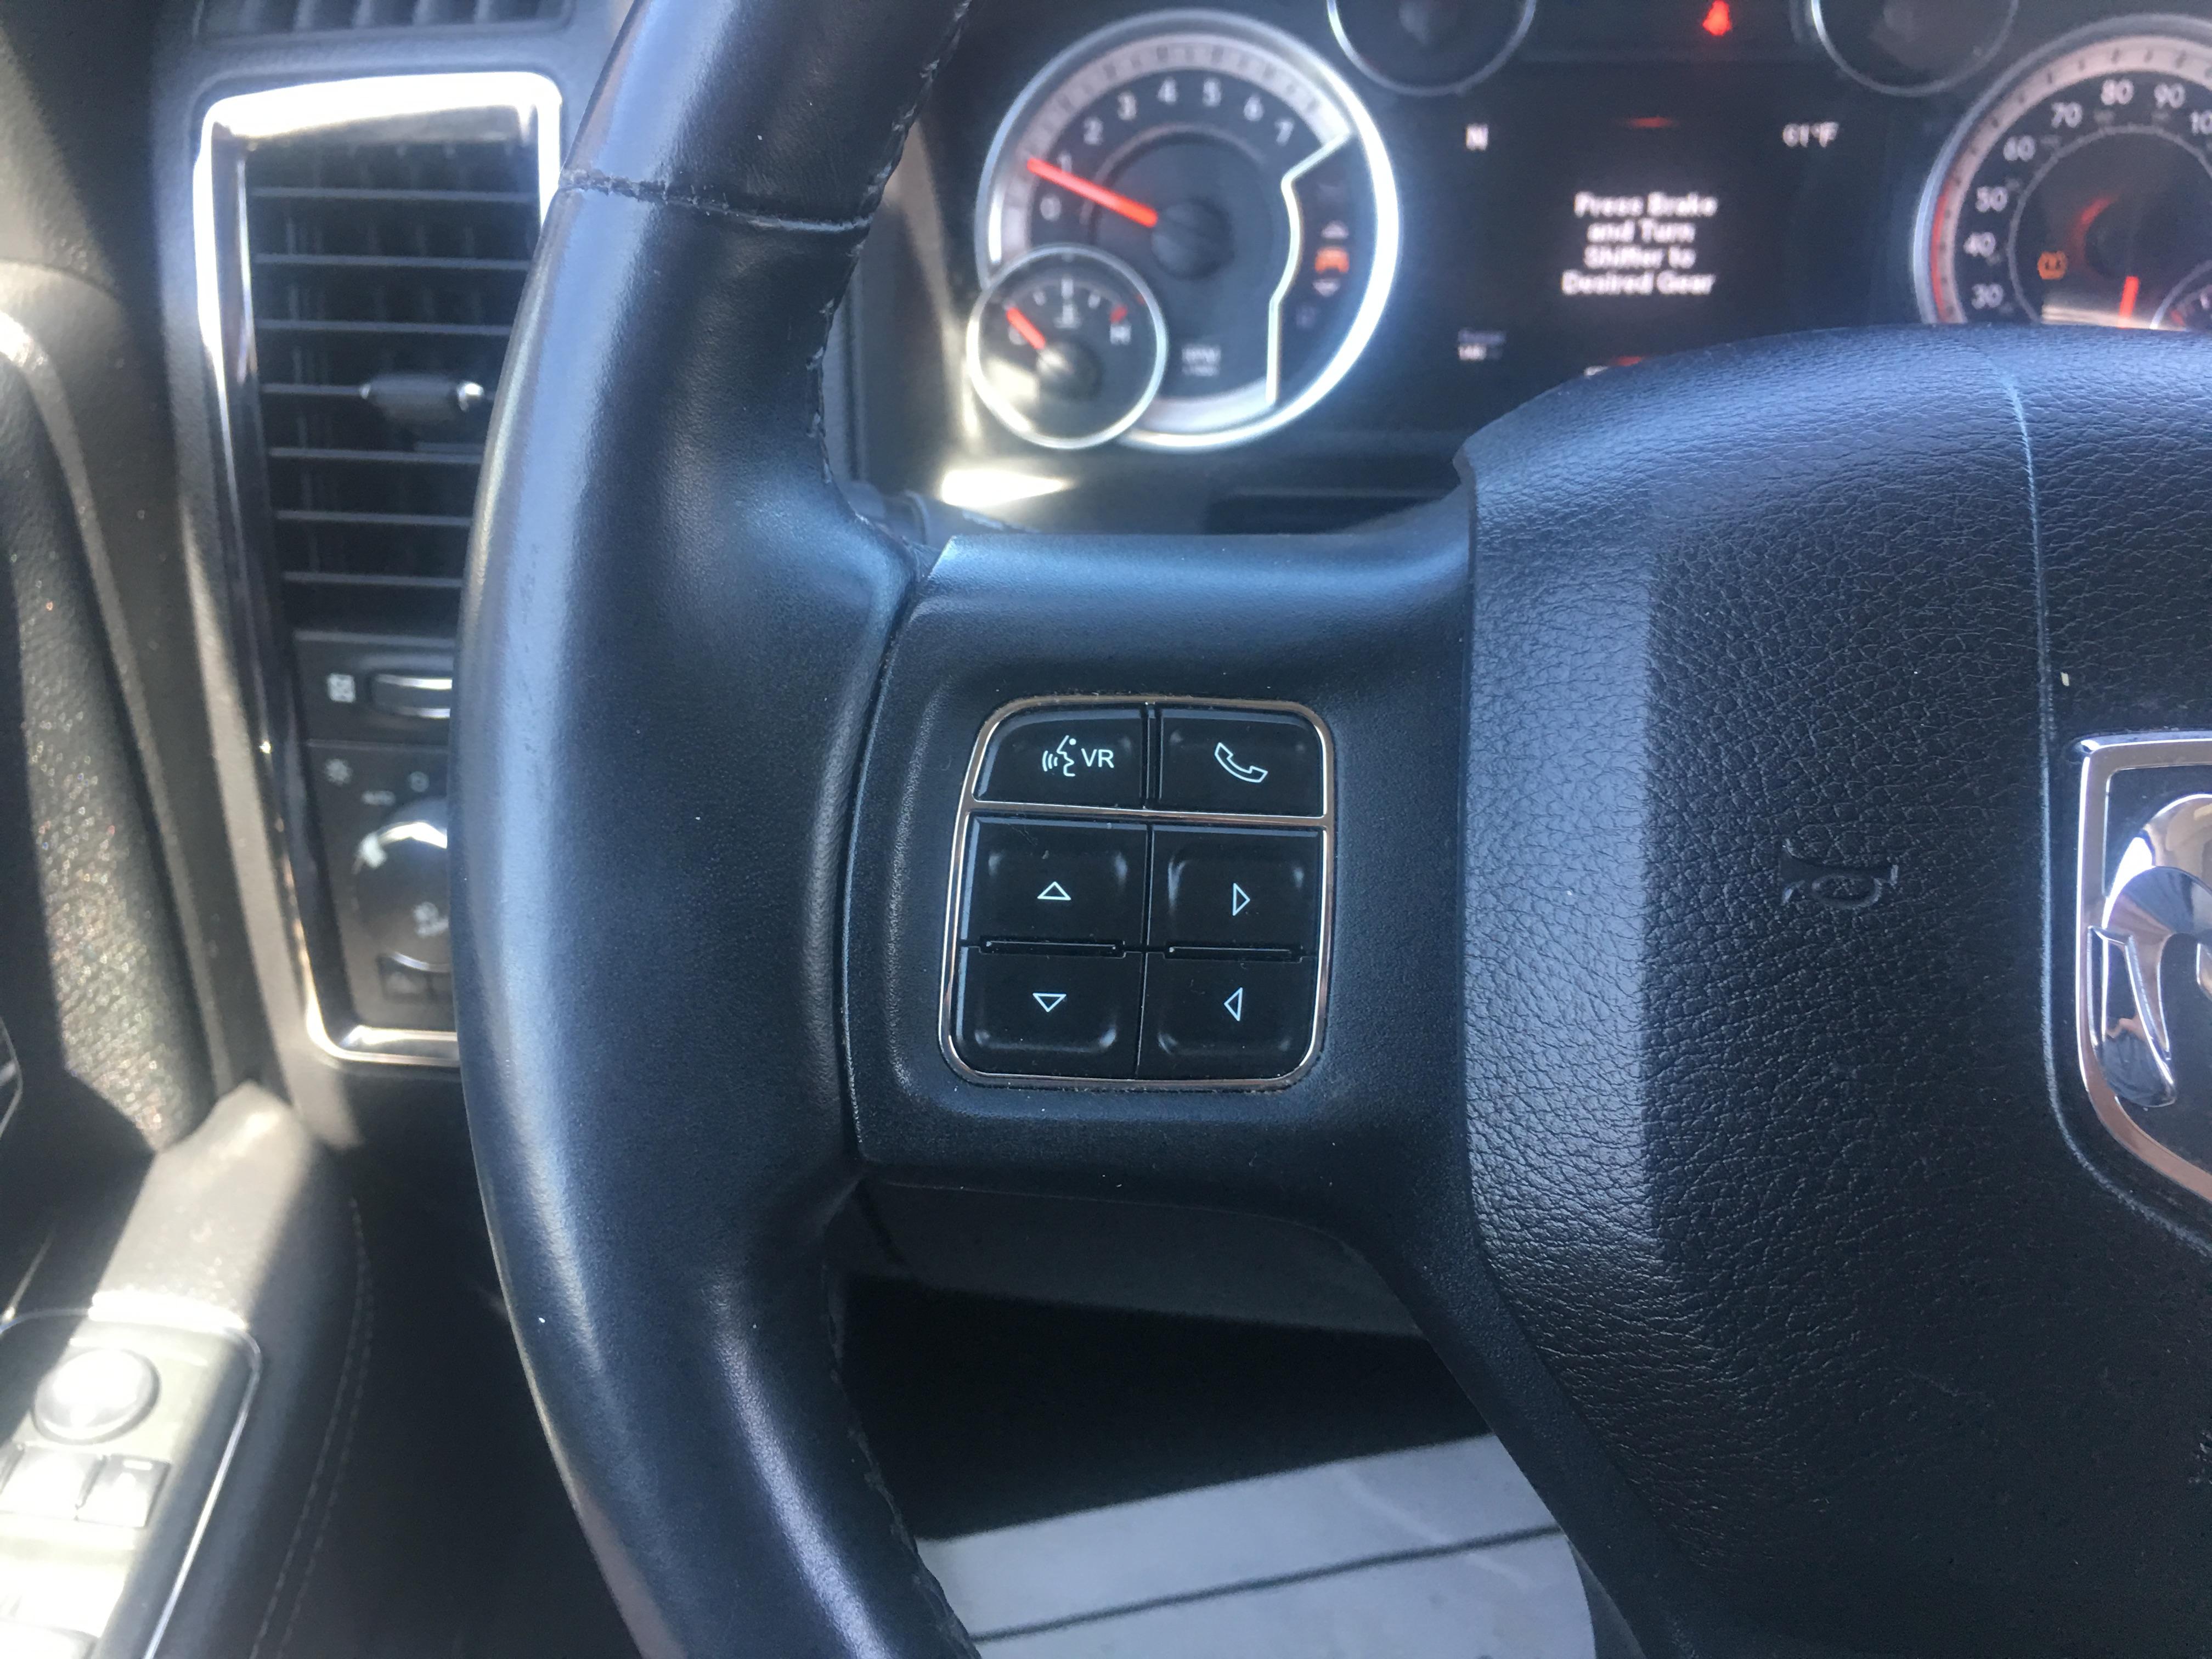 2014 Dodge Ram 1500 Crew Cab Sport